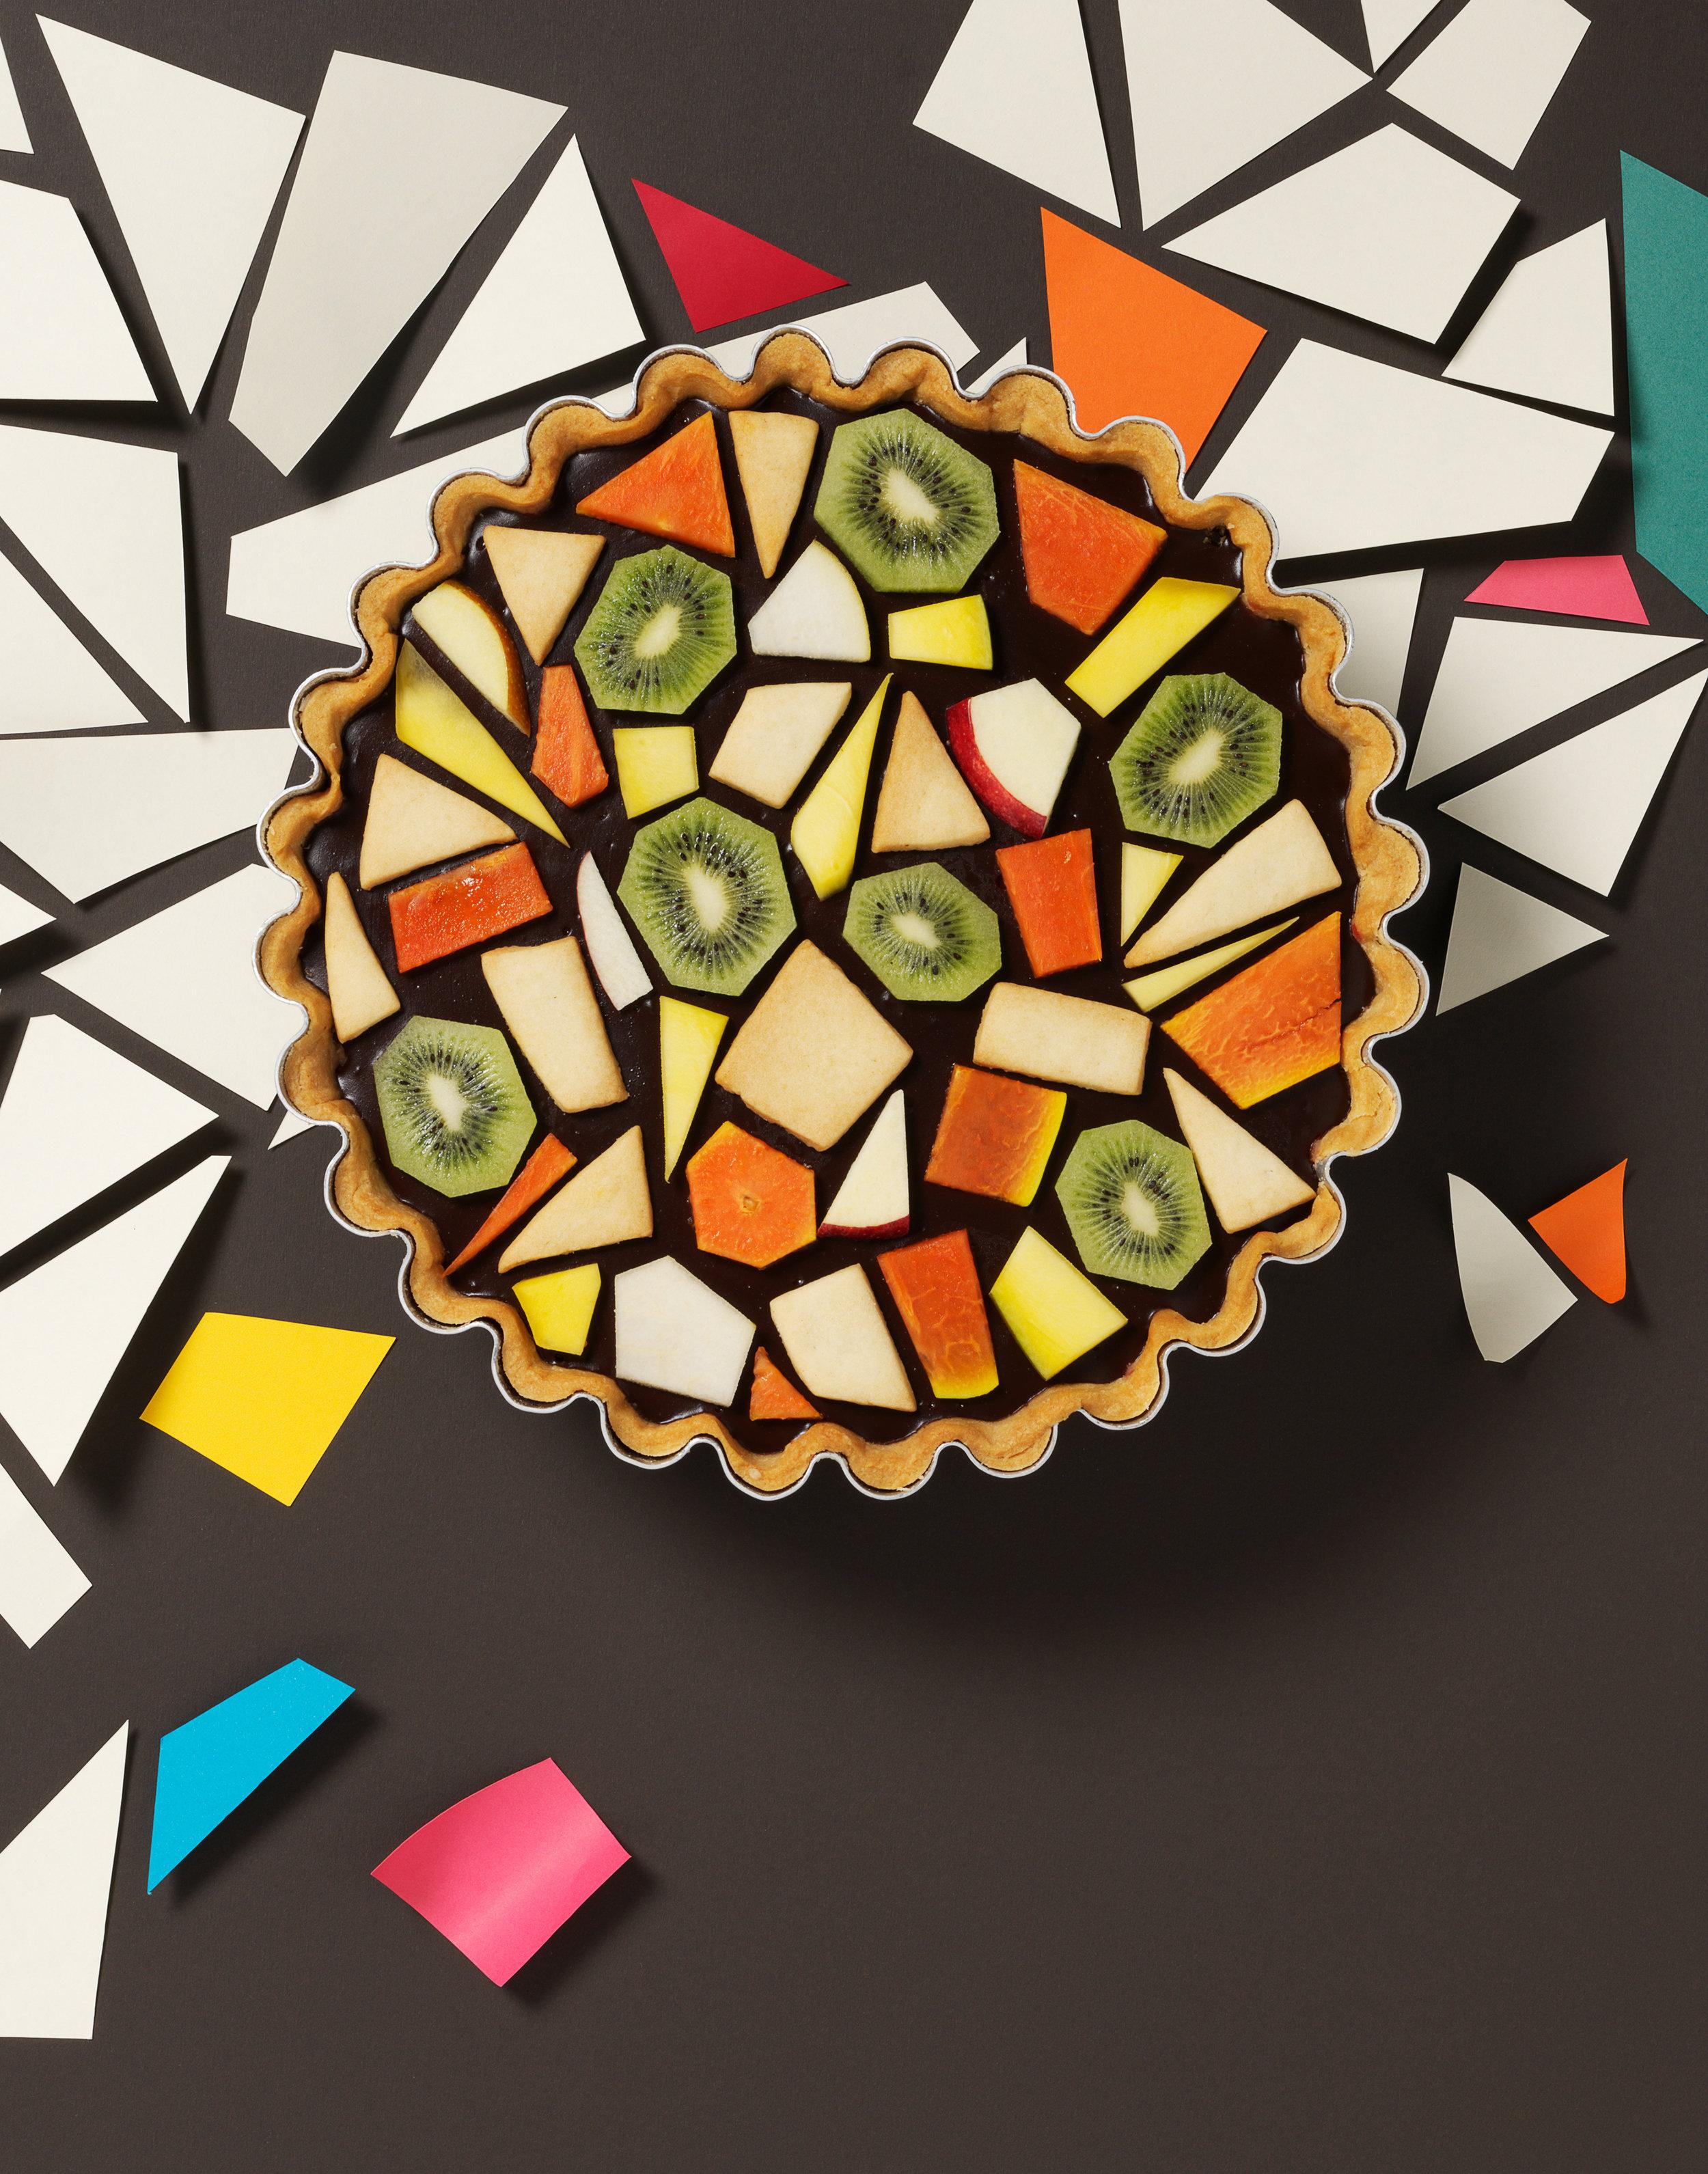 Cubed Pie Tropical Mix RET11x14HR.jpg